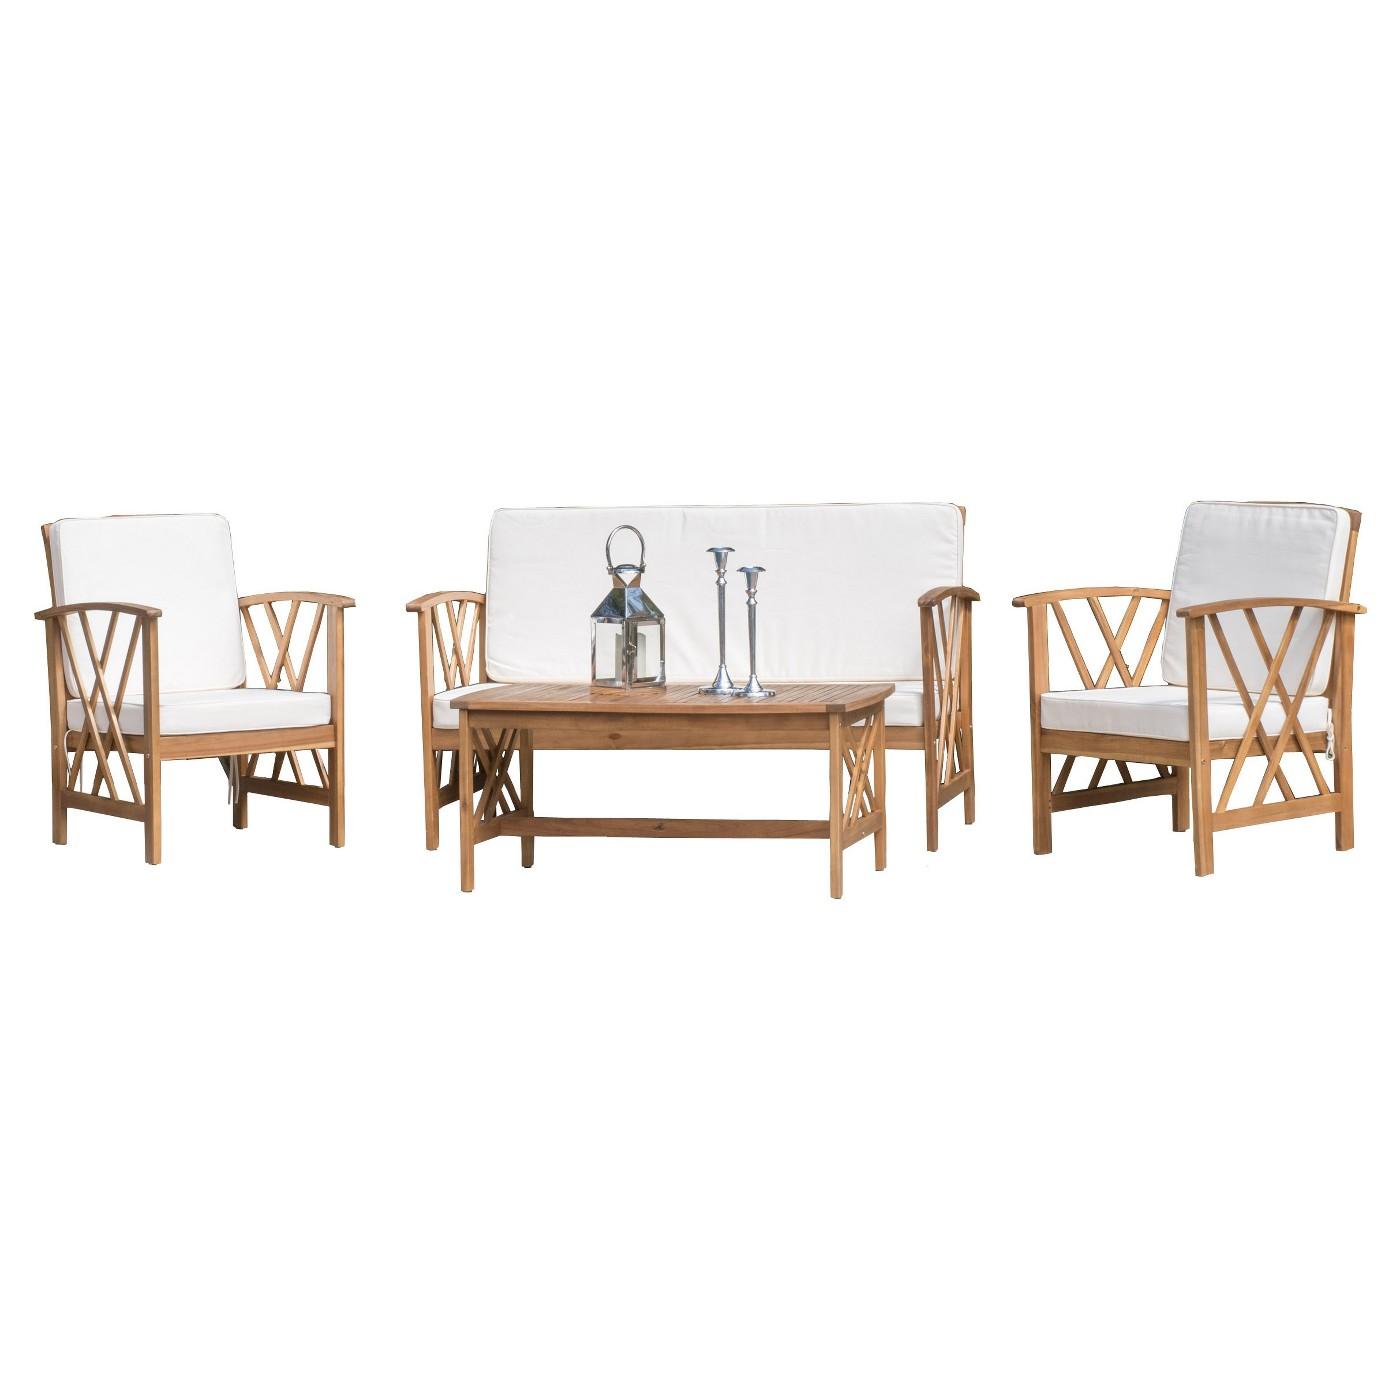 Langdon Acacia Wood 4-Piece Patio Set - $456 at  Target